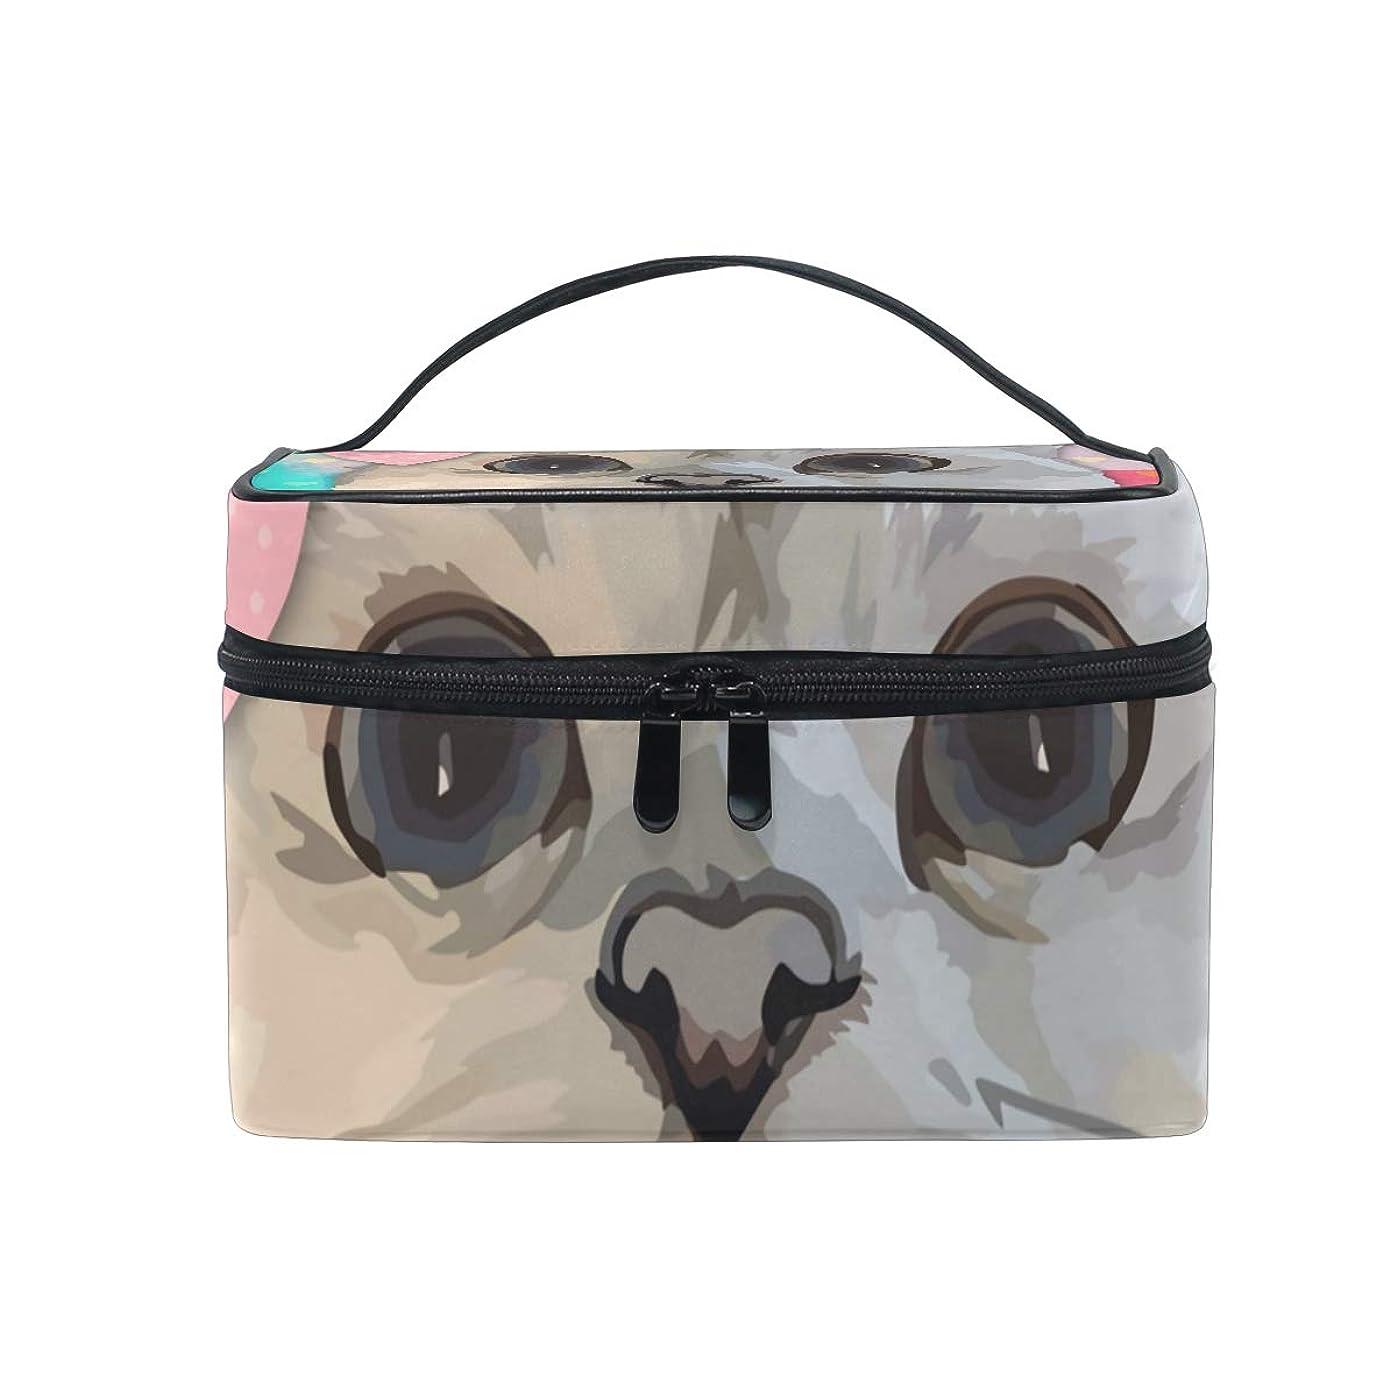 鋭く利点歩くメイクボックス 猫柄 花柄柄 化粧ポーチ 化粧品 化粧道具 小物入れ メイクブラシバッグ 大容量 旅行用 収納ケース